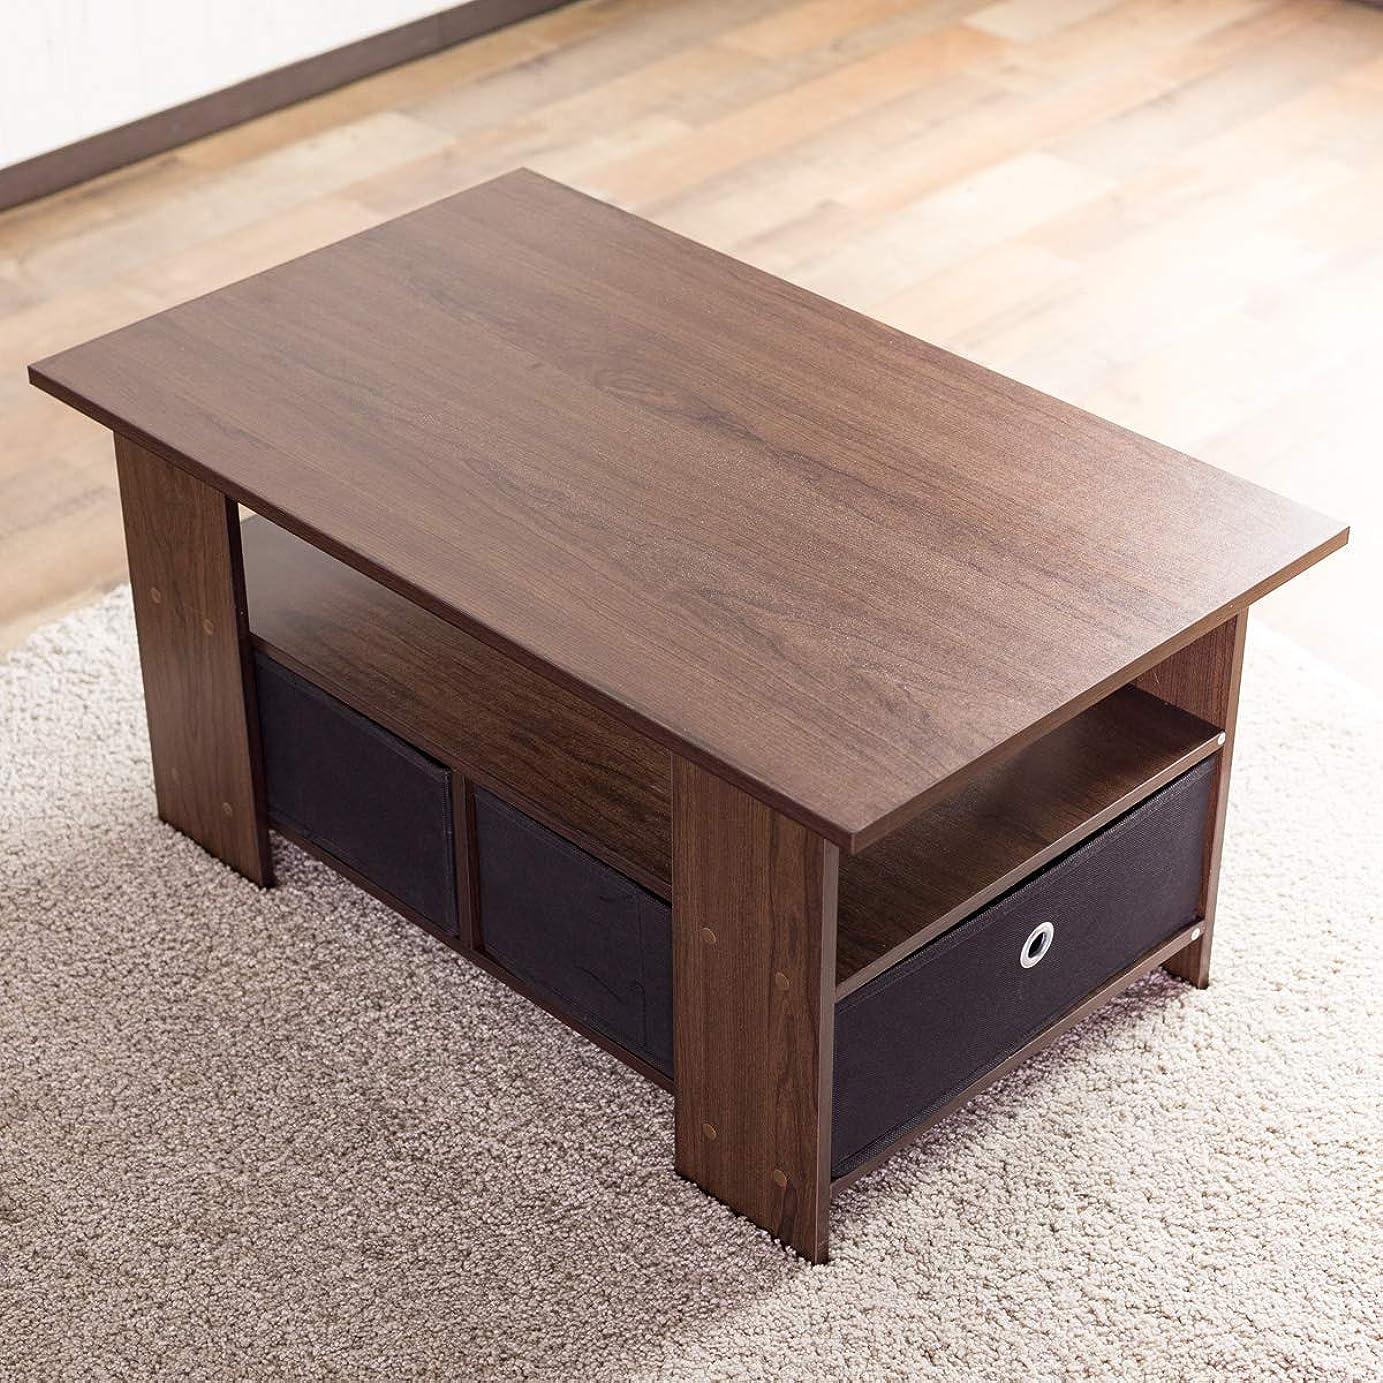 ランタンパイル特異性テーブル 使いやすい収納付きセンターテーブル(80×48cm) すっきり片付く収納ボックス付き 中下段で3分割 木製ローテーブル 訳有り(ブラウン色)